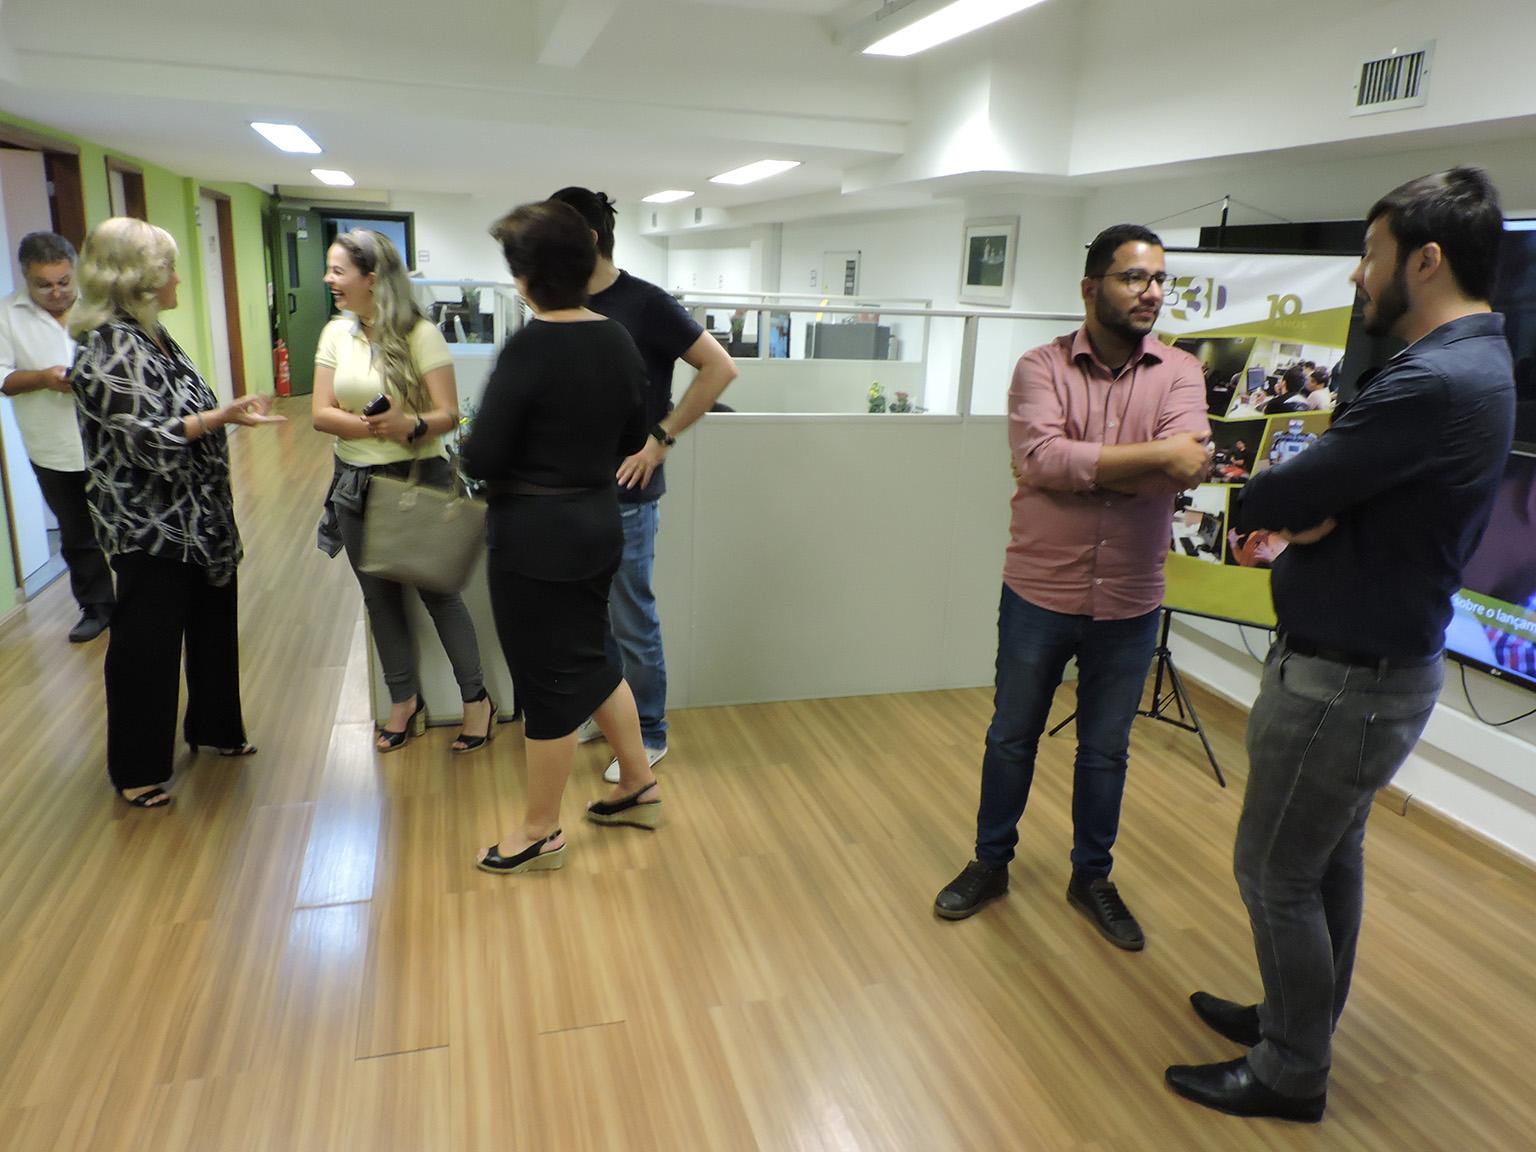 Convidados conversando e interagindo